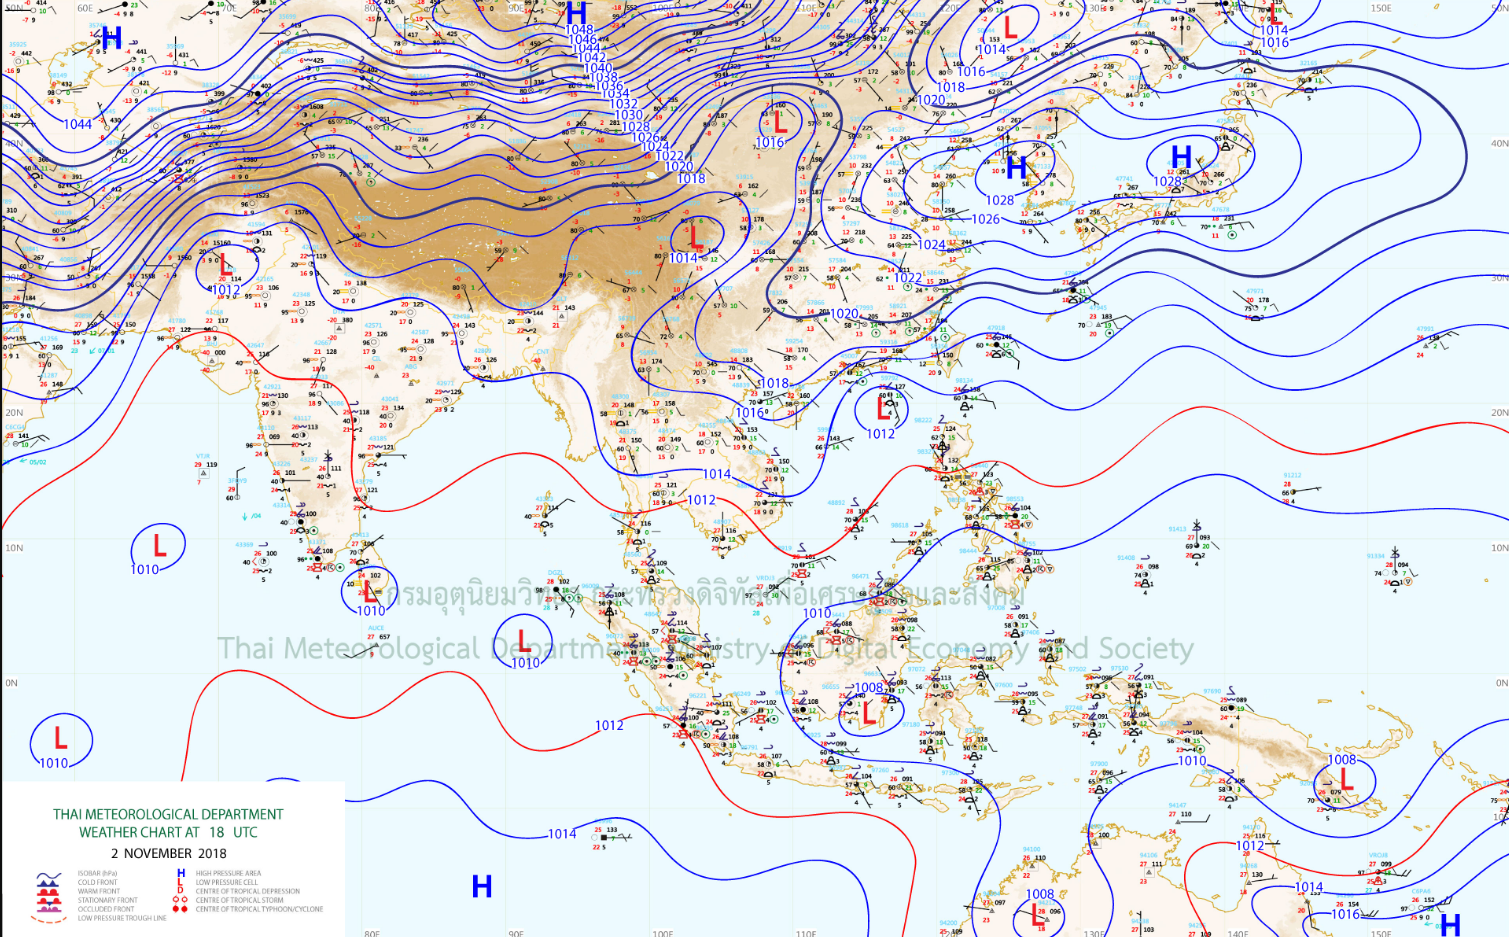 ประเทศไทยอากาศอุ่นขึ้น